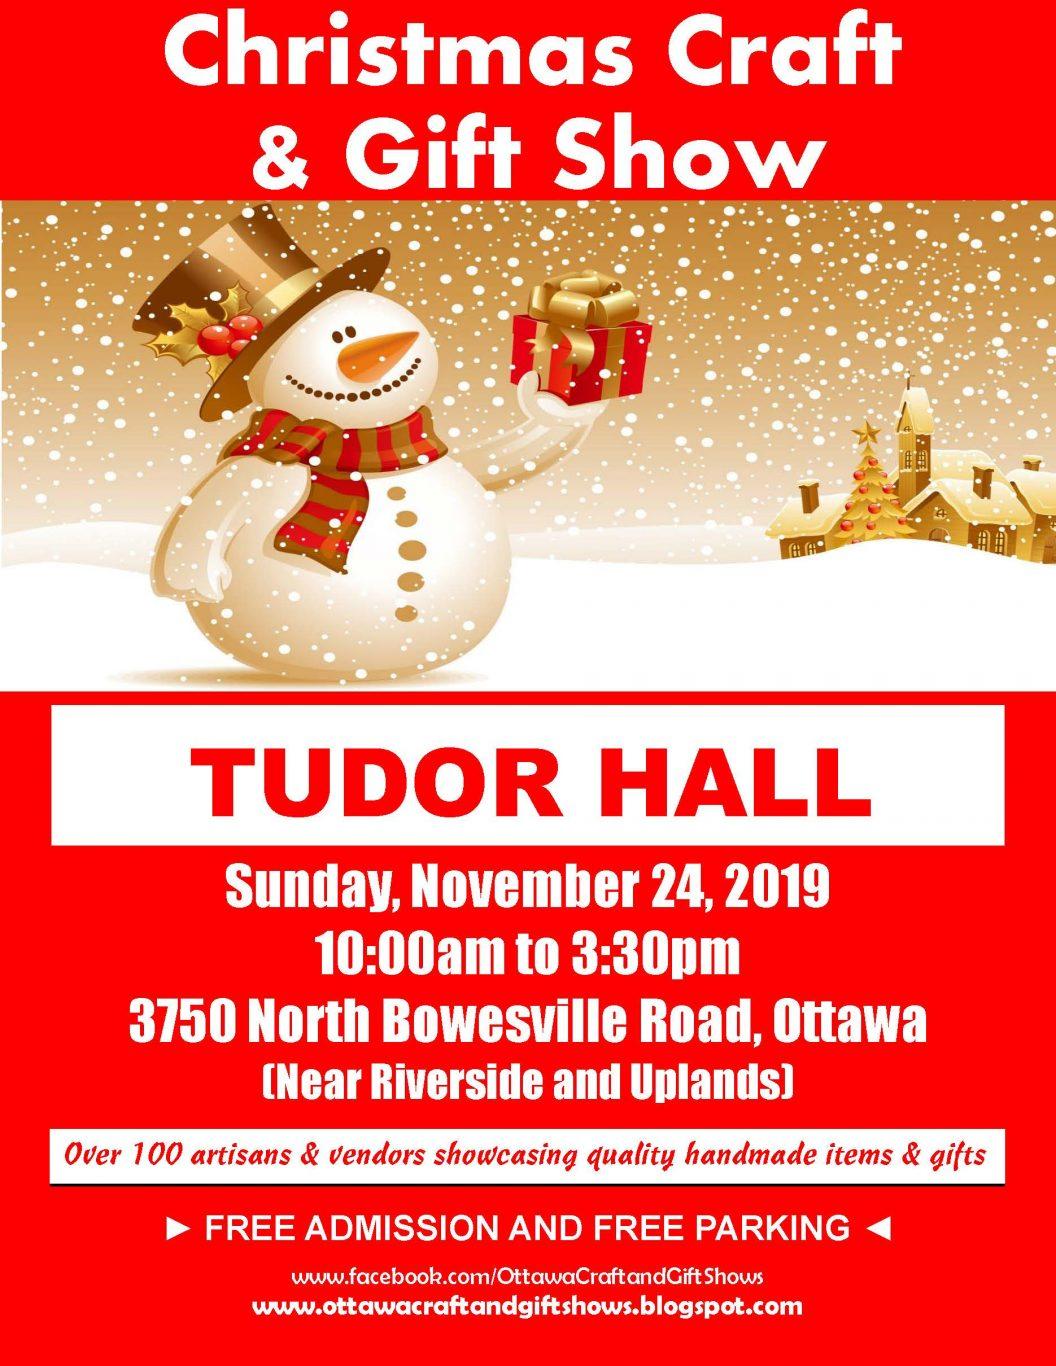 Christmas Craft Show Items.Tudor Hall Christmas Craft And Gift Show Showwiz